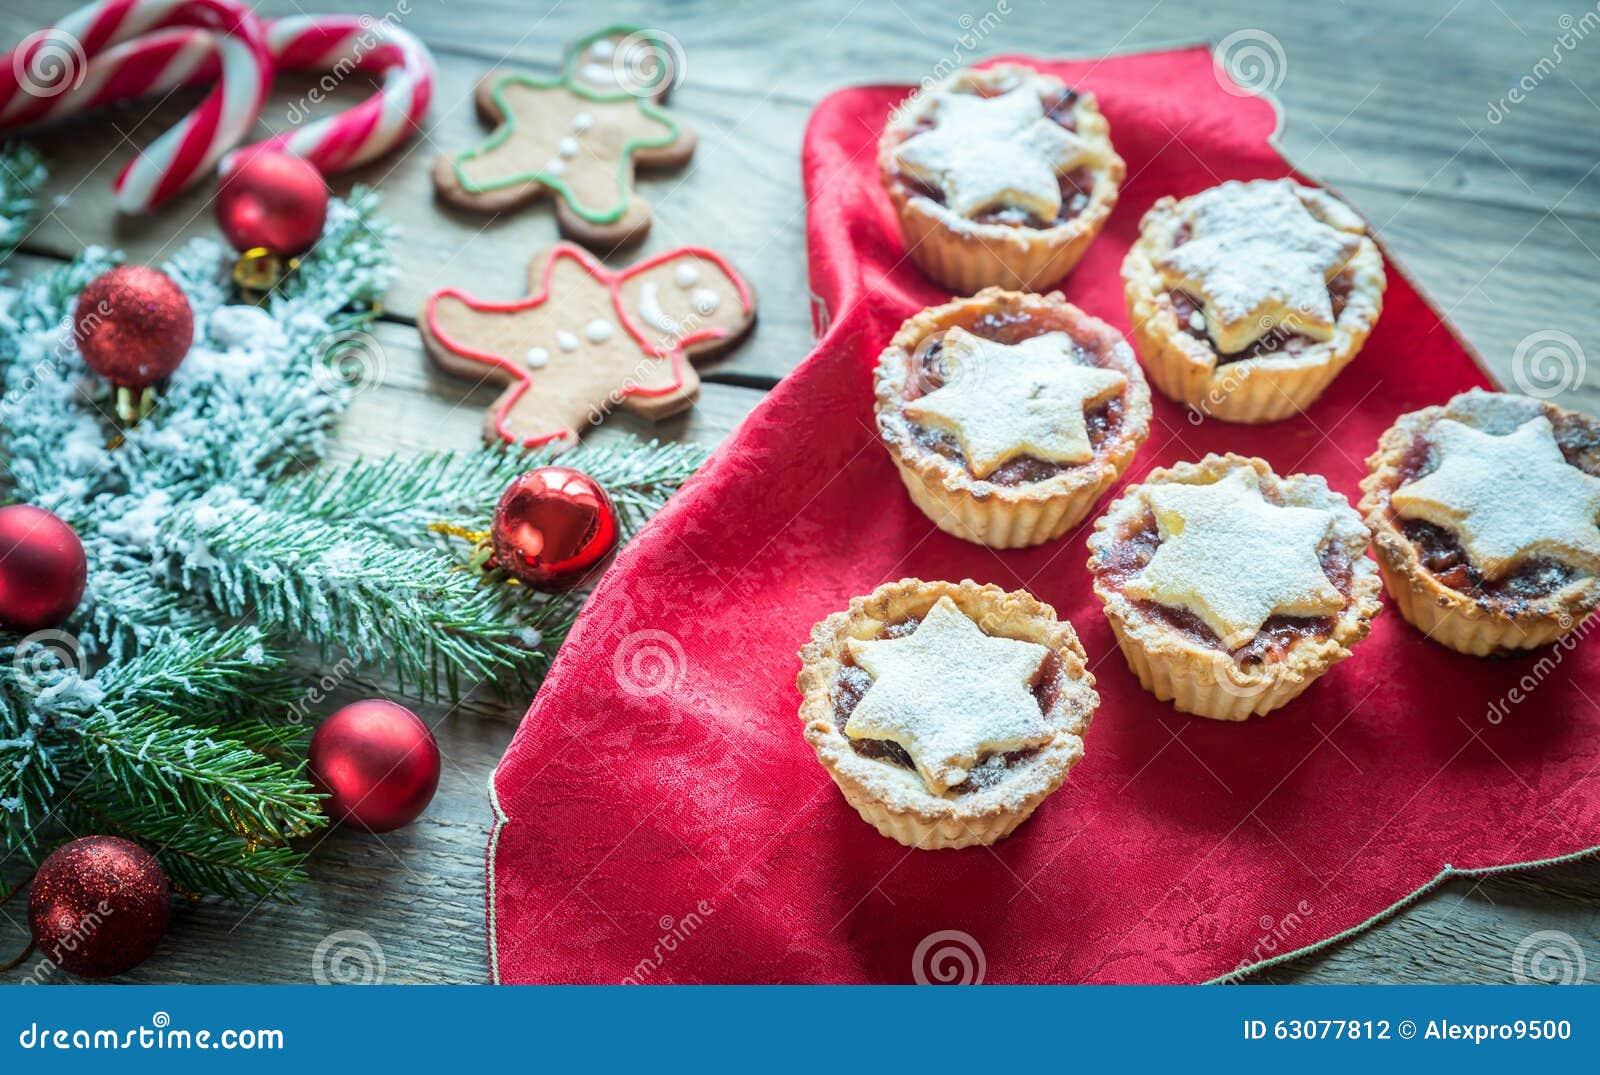 Download Branche D'arbre Décorée De Noël Avec La Pâtisserie De Vacances Photo stock - Image du festivité, homme: 63077812